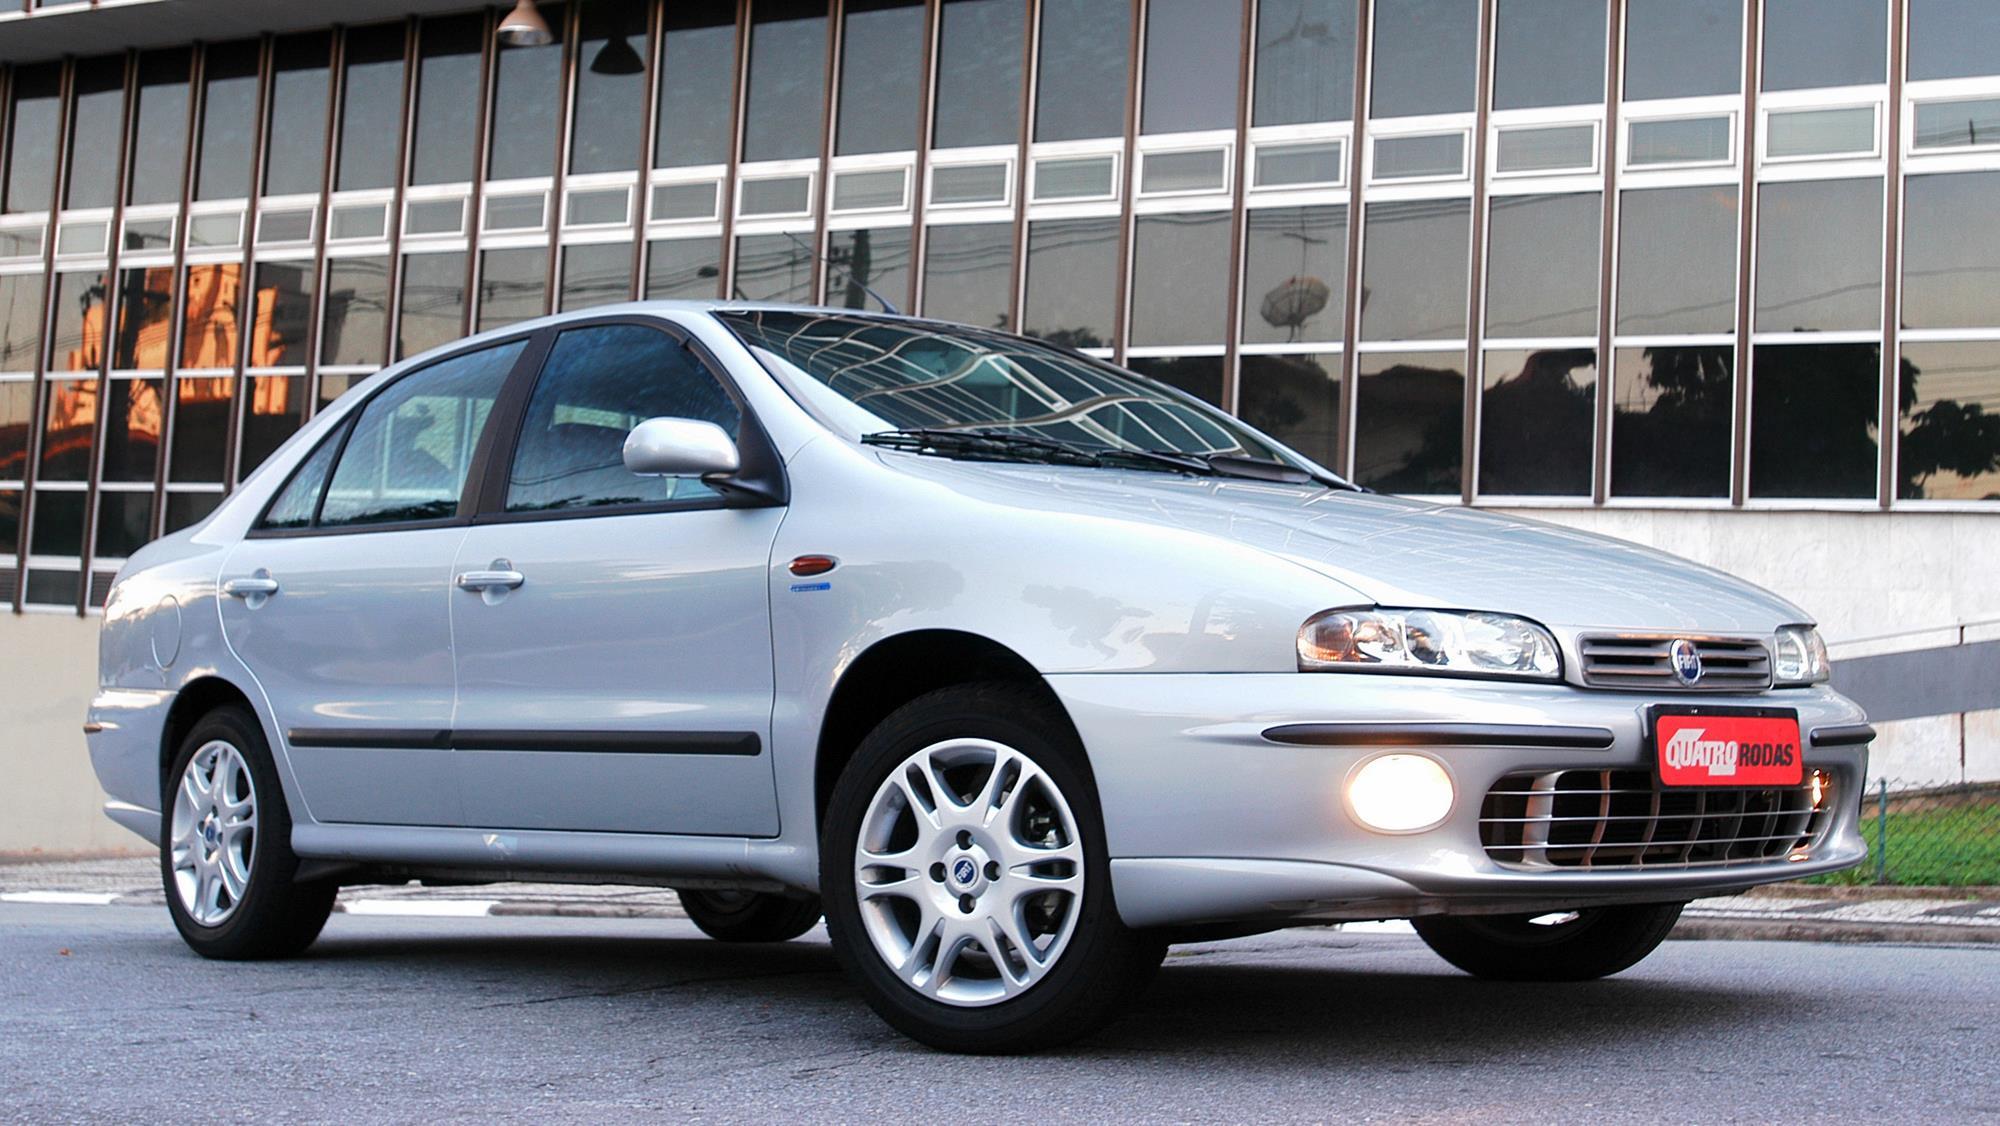 Marea SX 1.6 16V, modelo 2006 da Fiat, testado pela revista Quatro Rodas._3